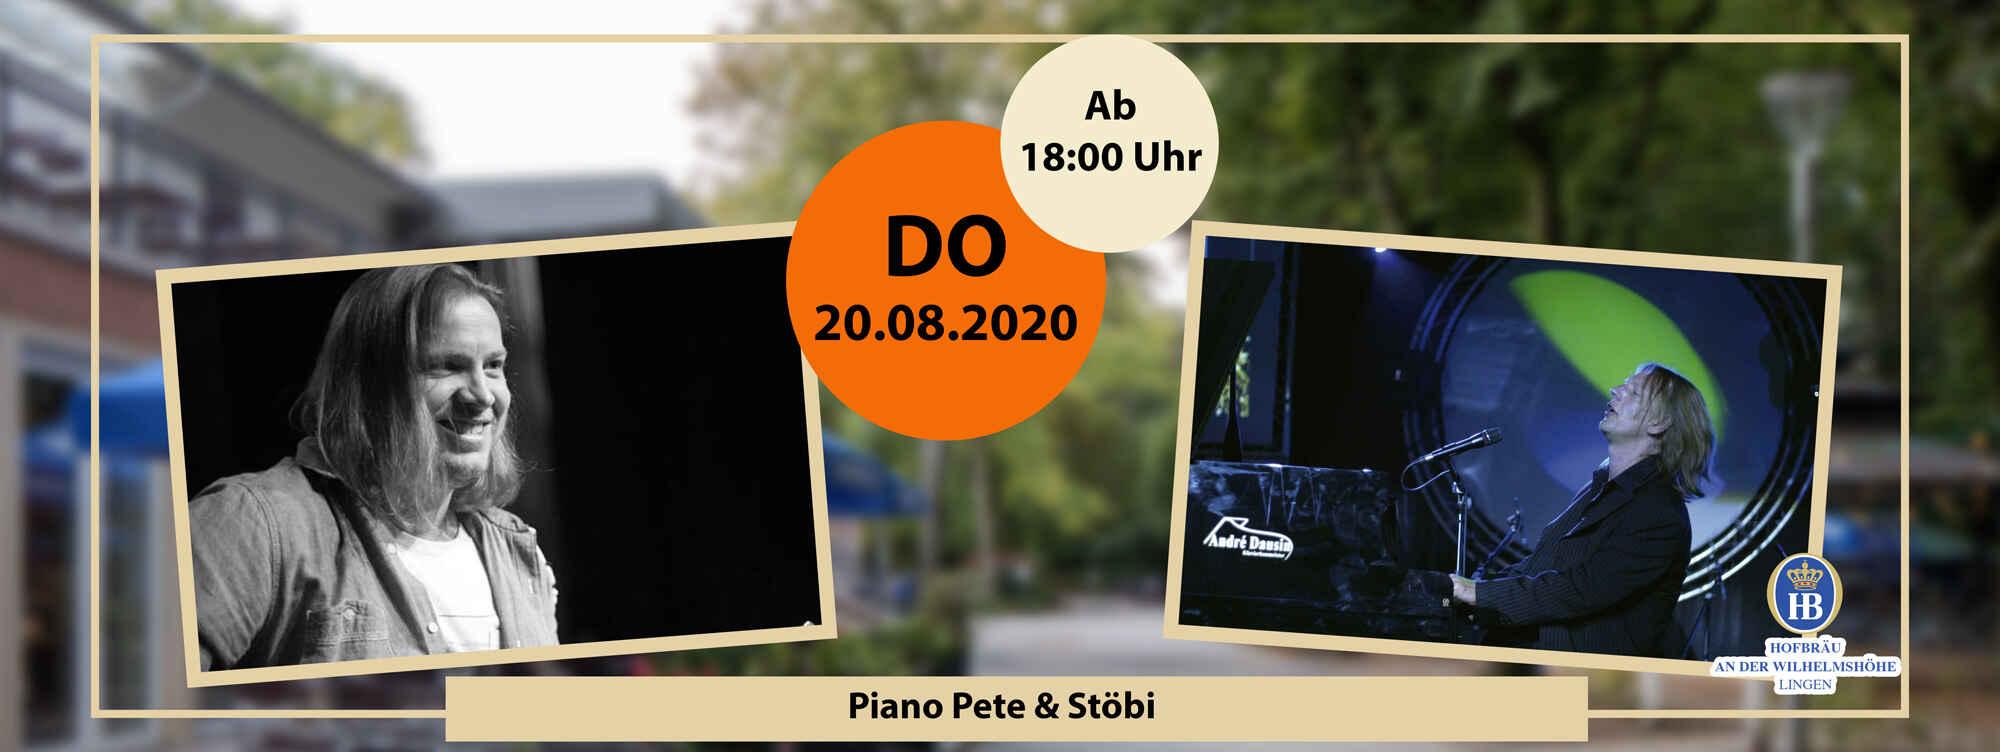 Piano Pete & Stöbi